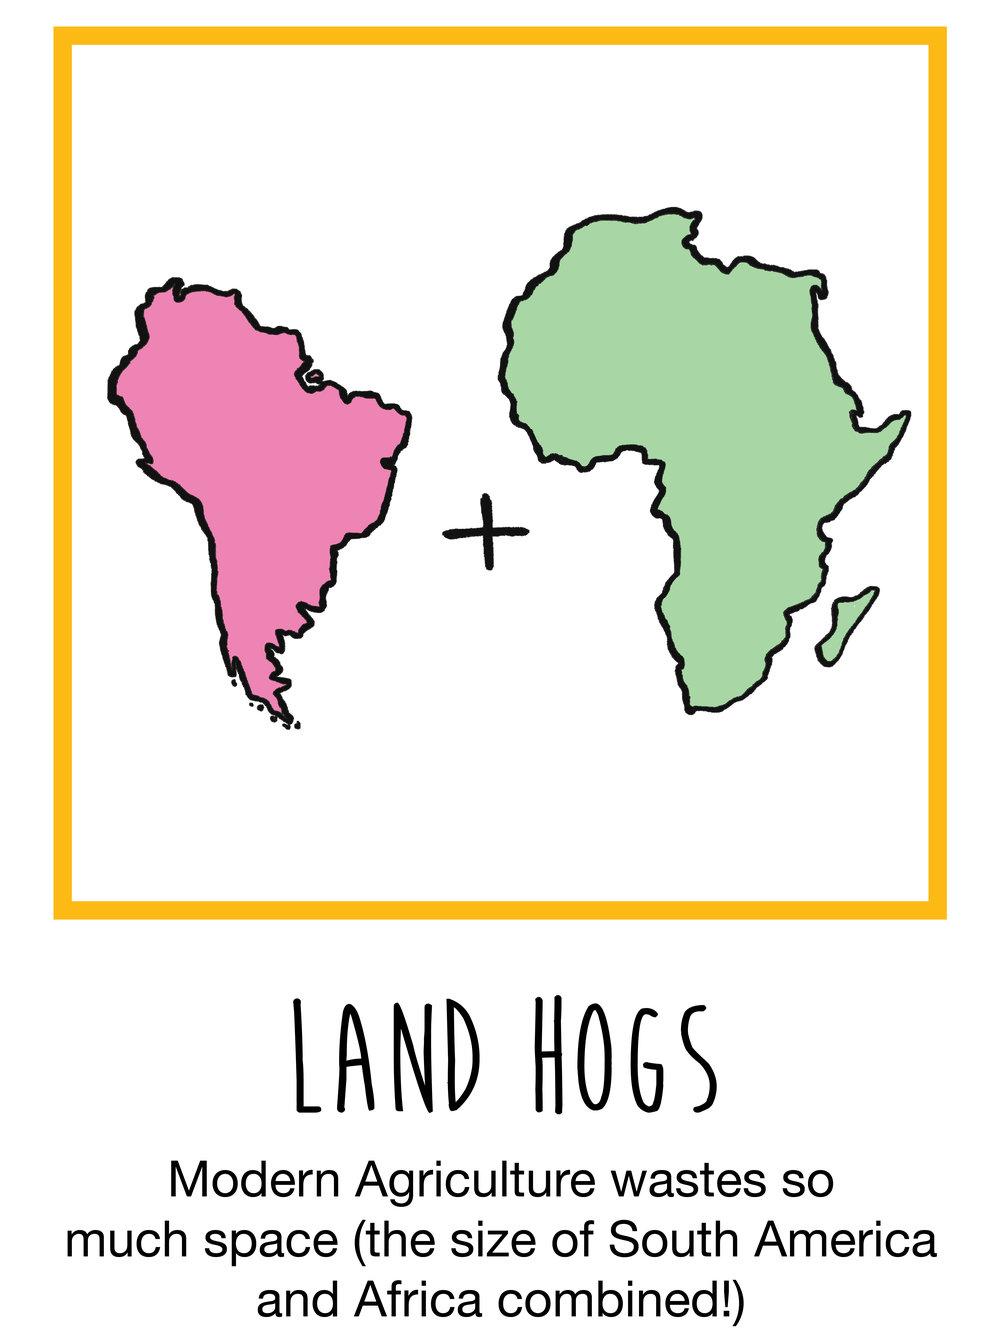 landhogs.jpg